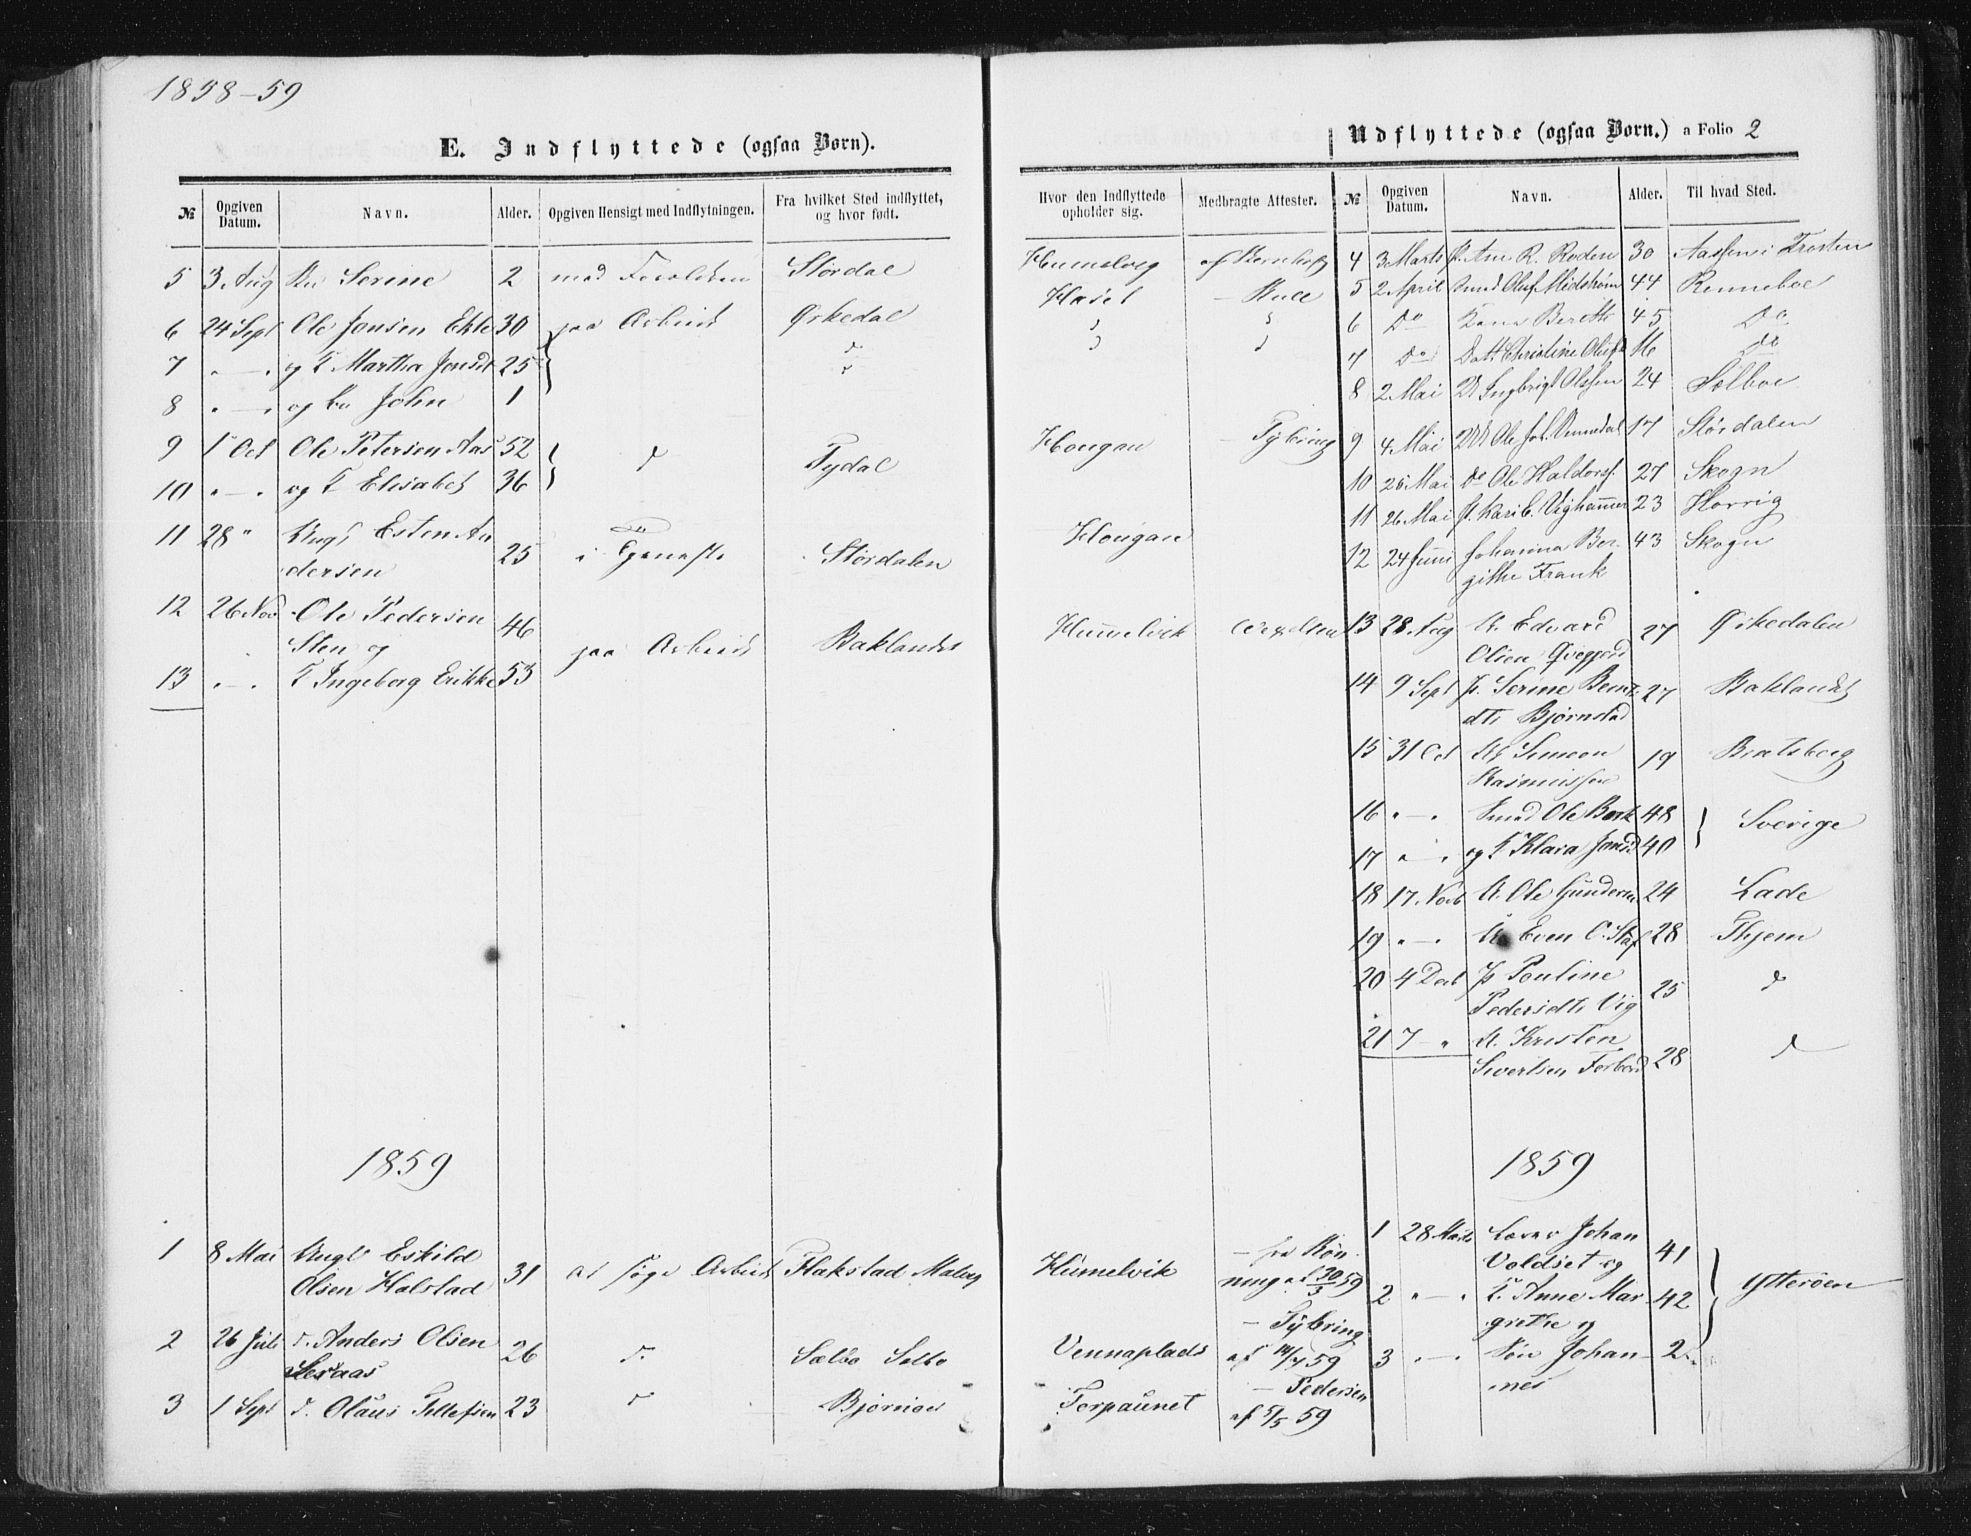 SAT, Ministerialprotokoller, klokkerbøker og fødselsregistre - Sør-Trøndelag, 616/L0408: Ministerialbok nr. 616A05, 1857-1865, s. 2